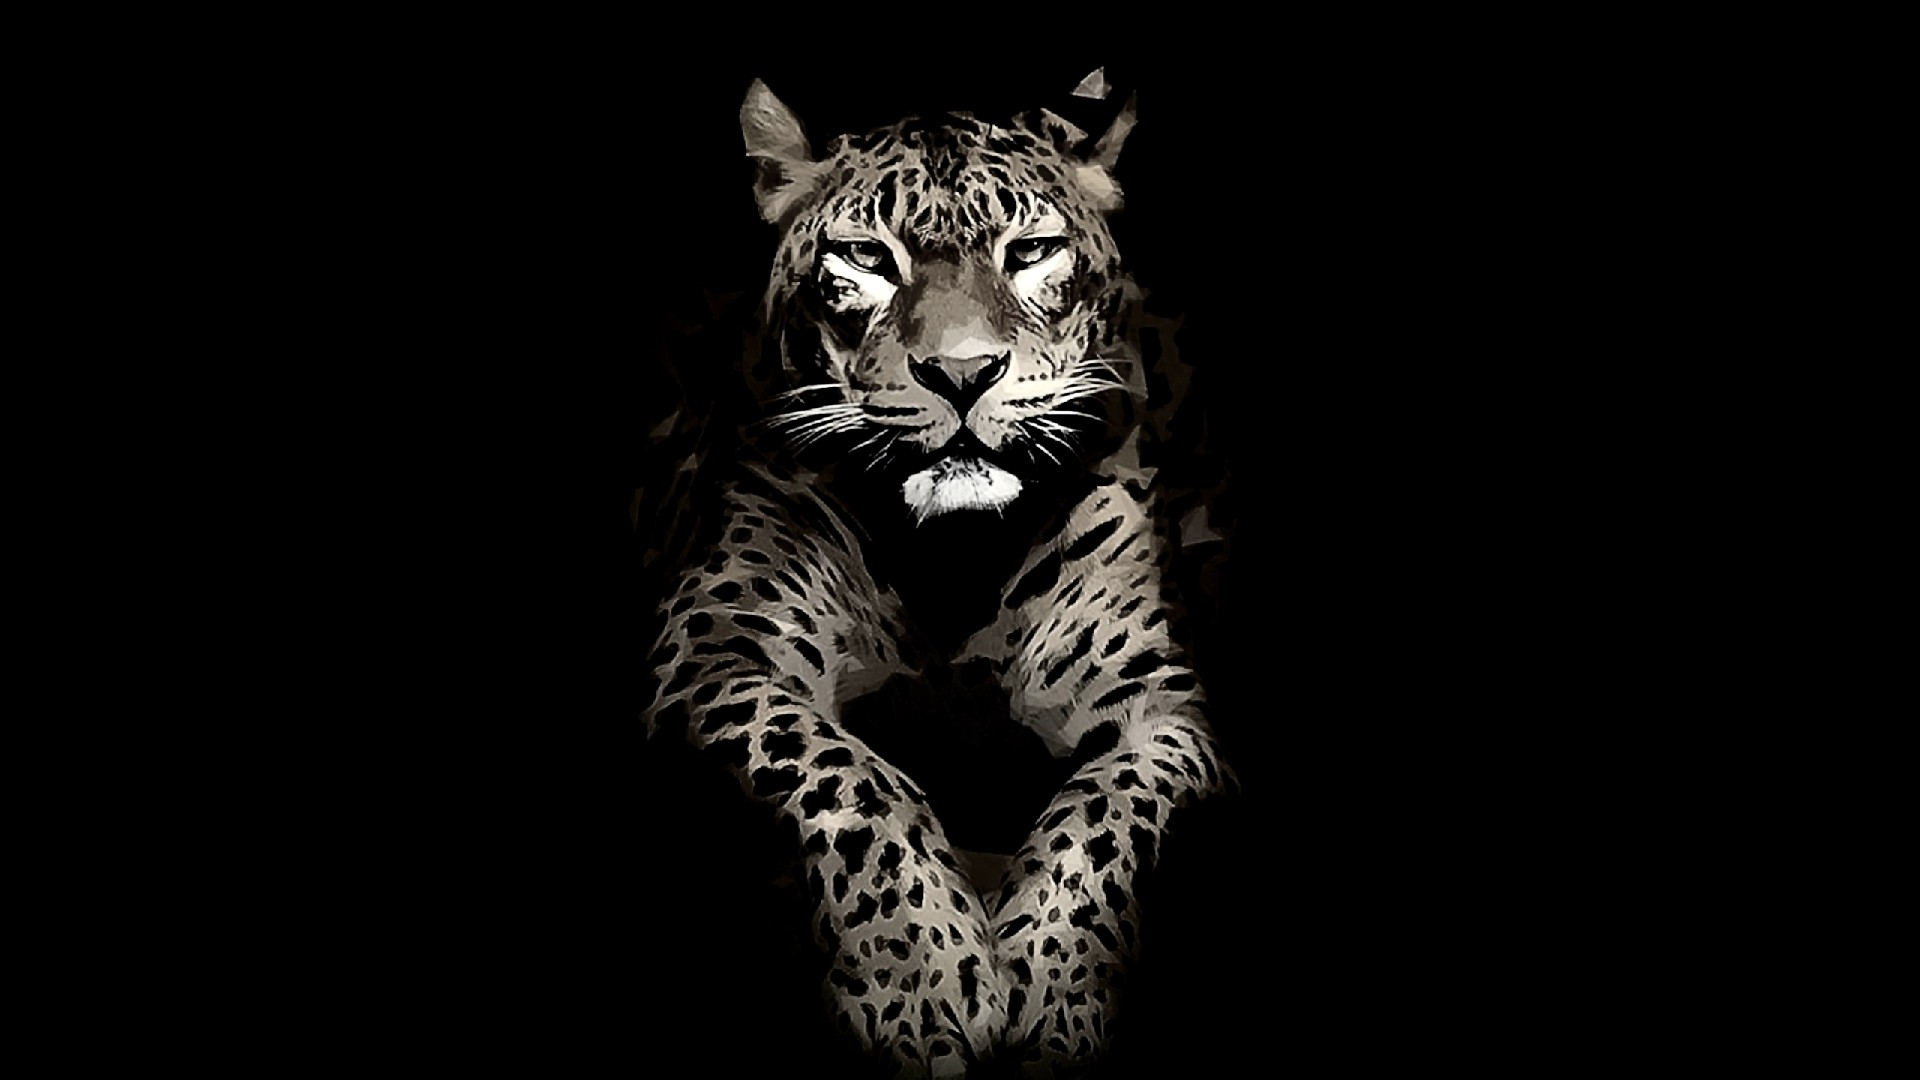 Paint jaguar wallpaper